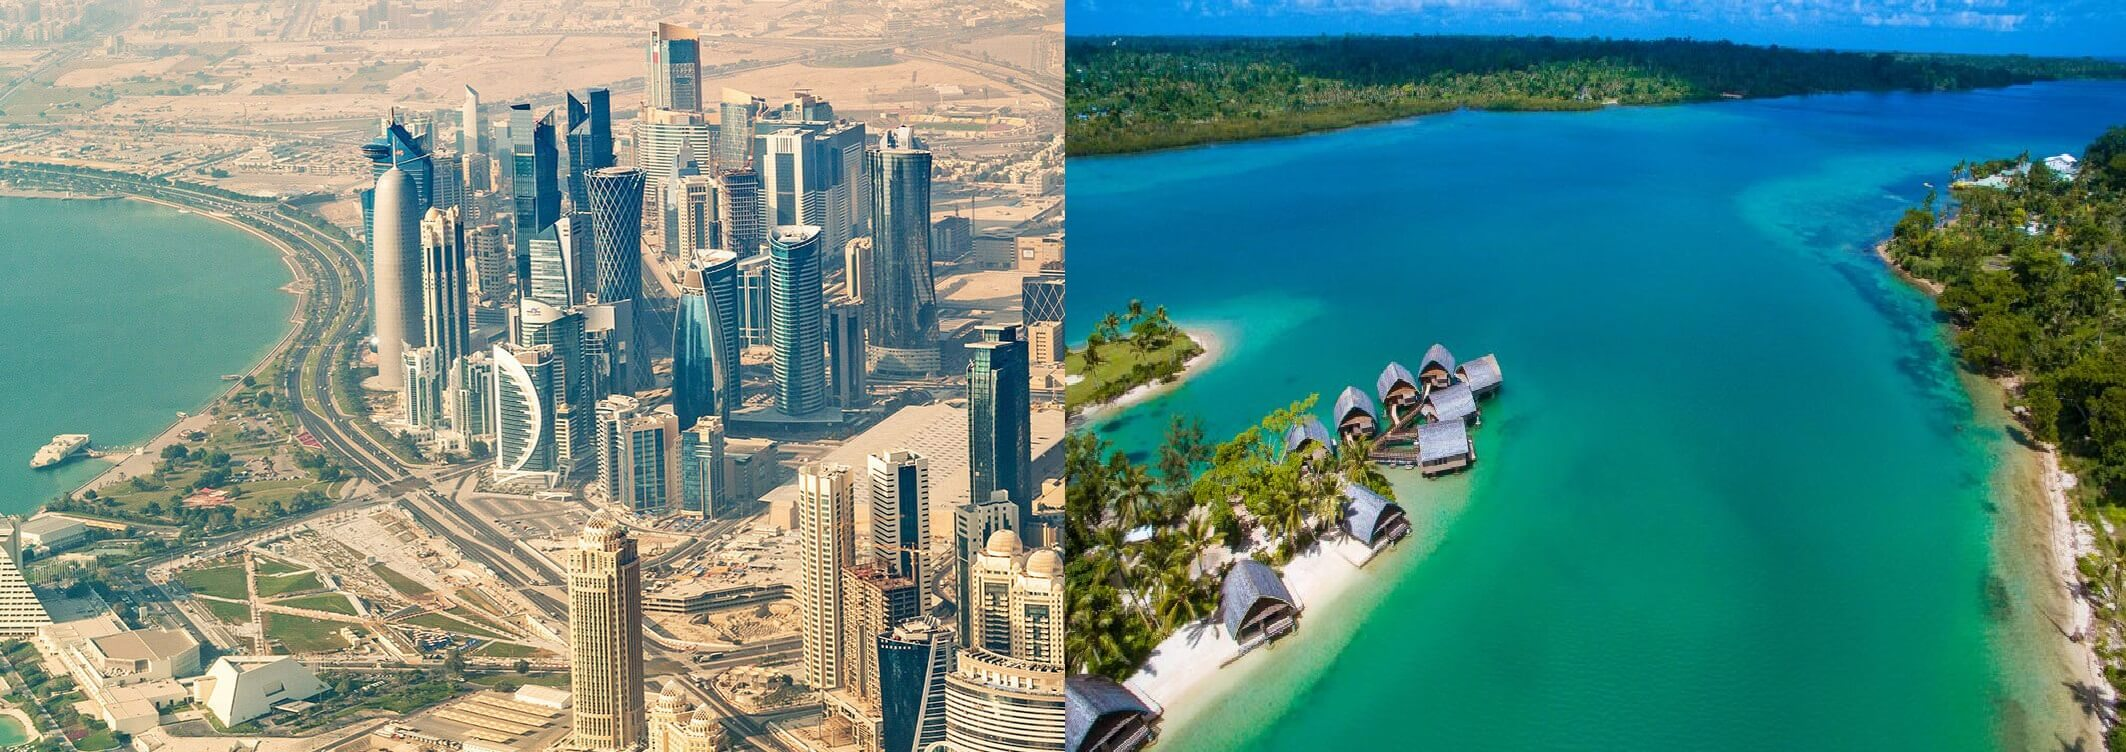 جزیره وانوآتو در اقیانوس آرام و کشور قطر